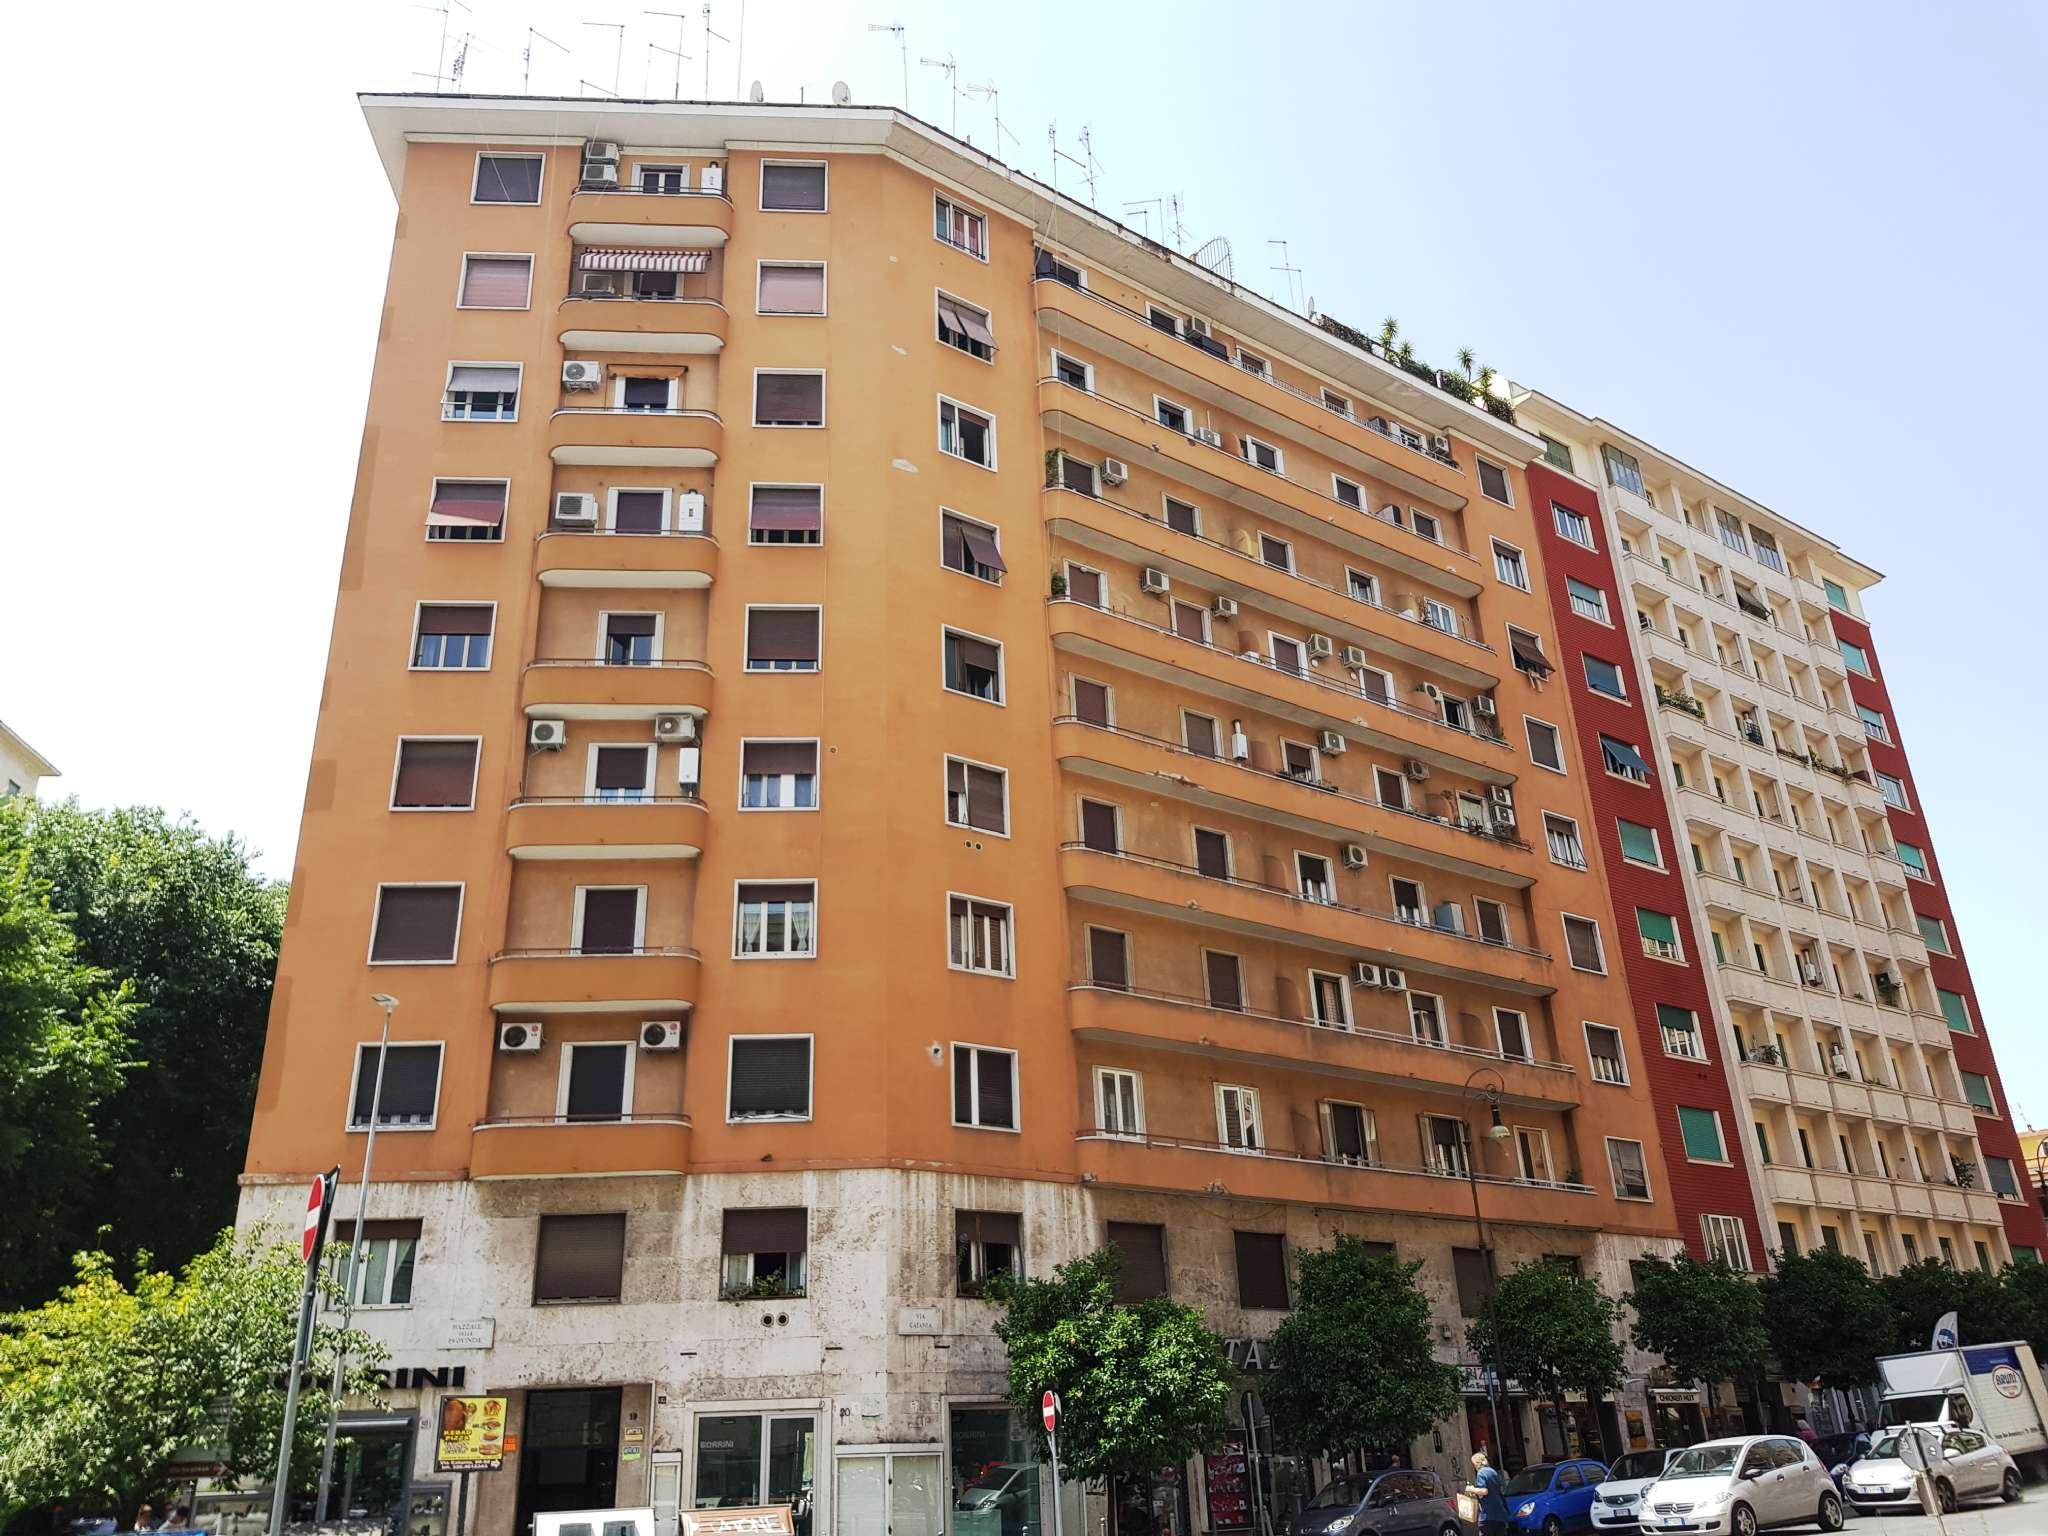 Appartamento in vendita a Roma, 3 locali, zona Zona: 4 . Nomentano, Bologna, Policlinico, prezzo € 425.000 | CambioCasa.it